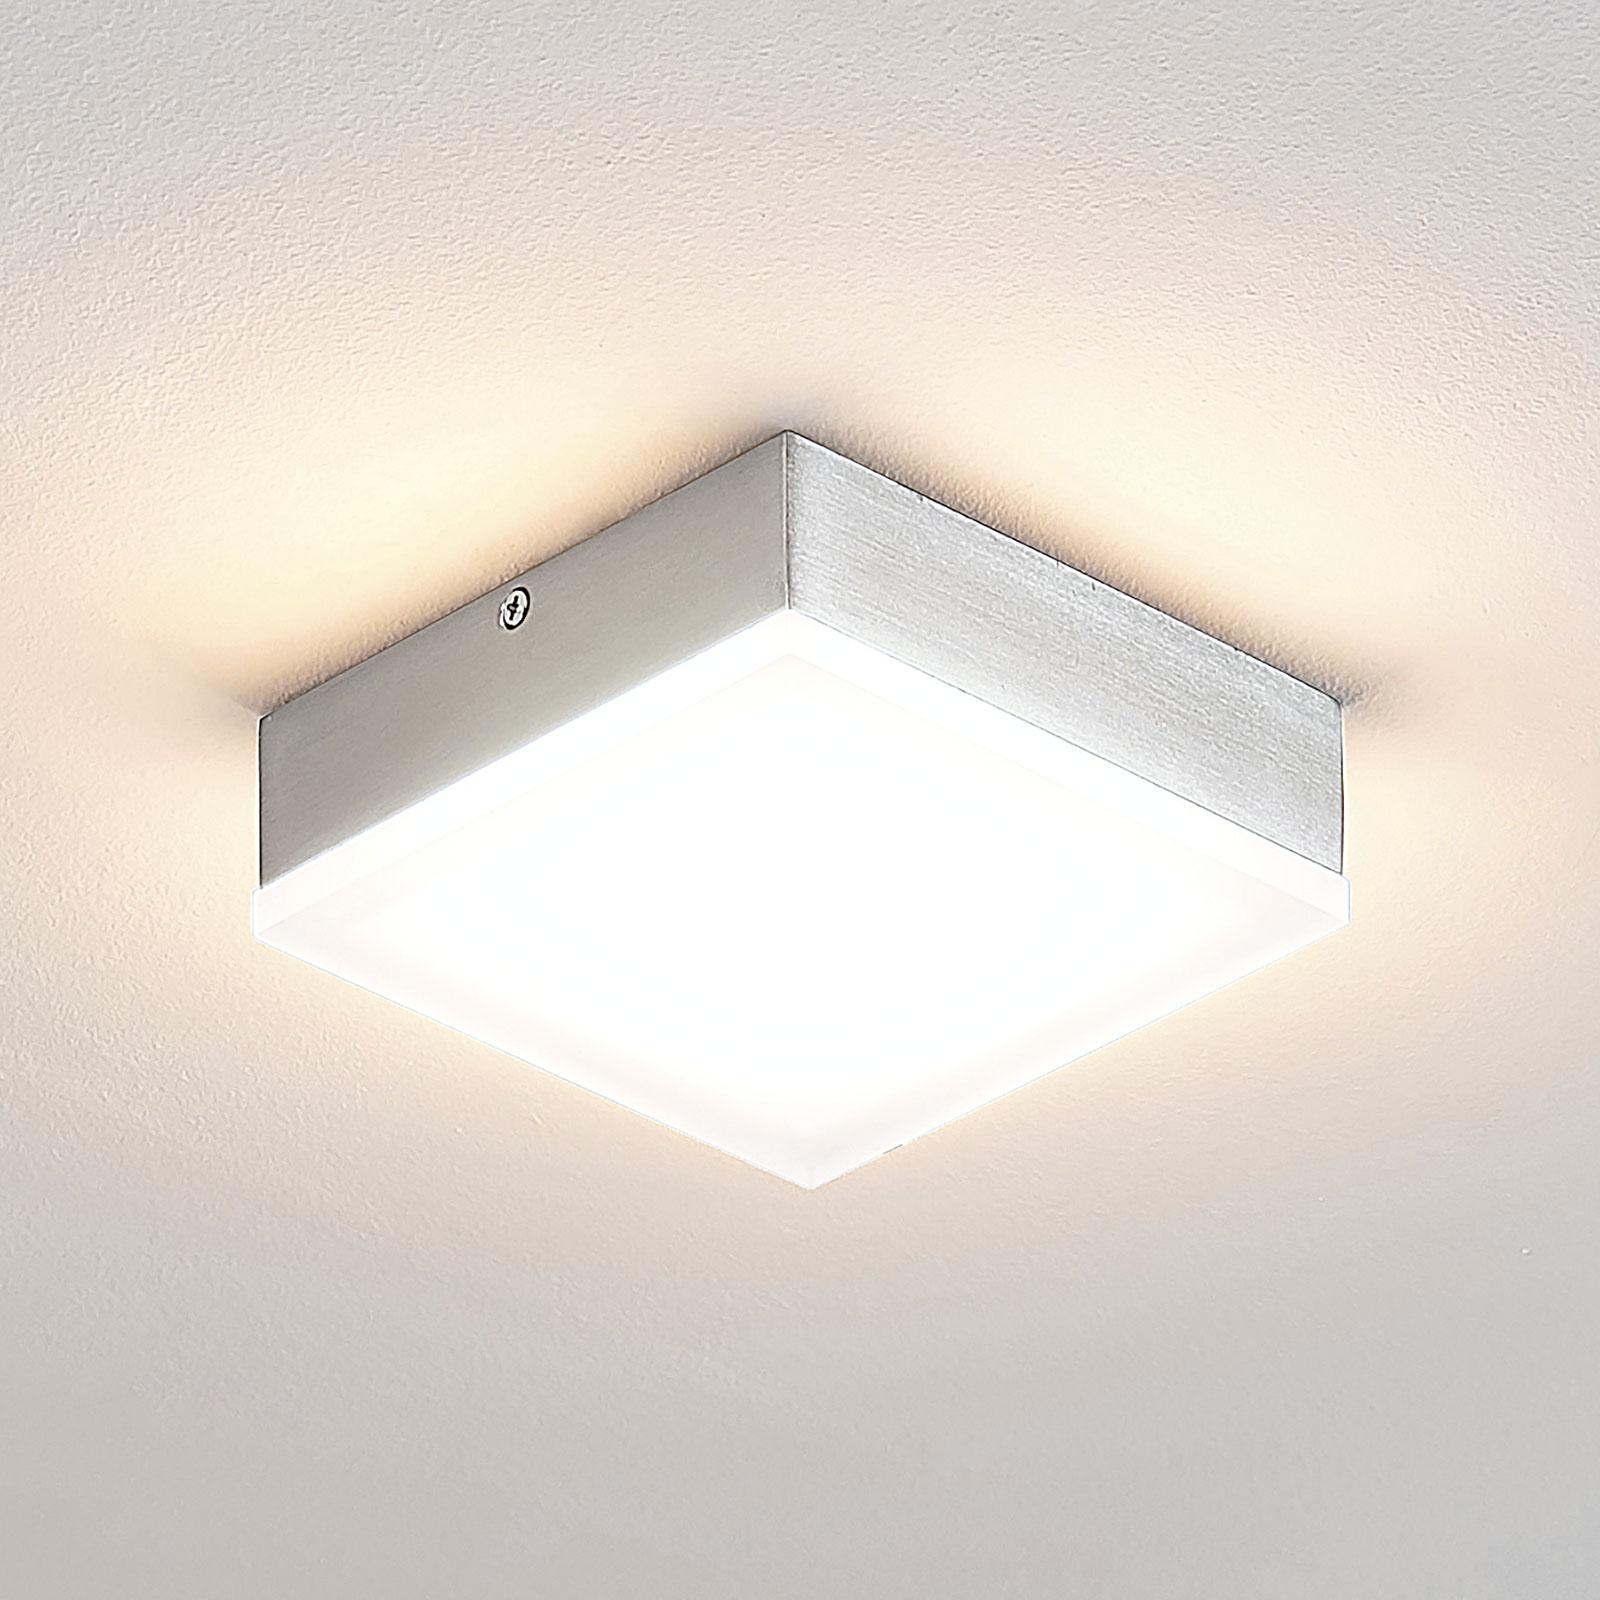 Lindby Tamito lampa sufitowa LED, nikiel, 12 cm